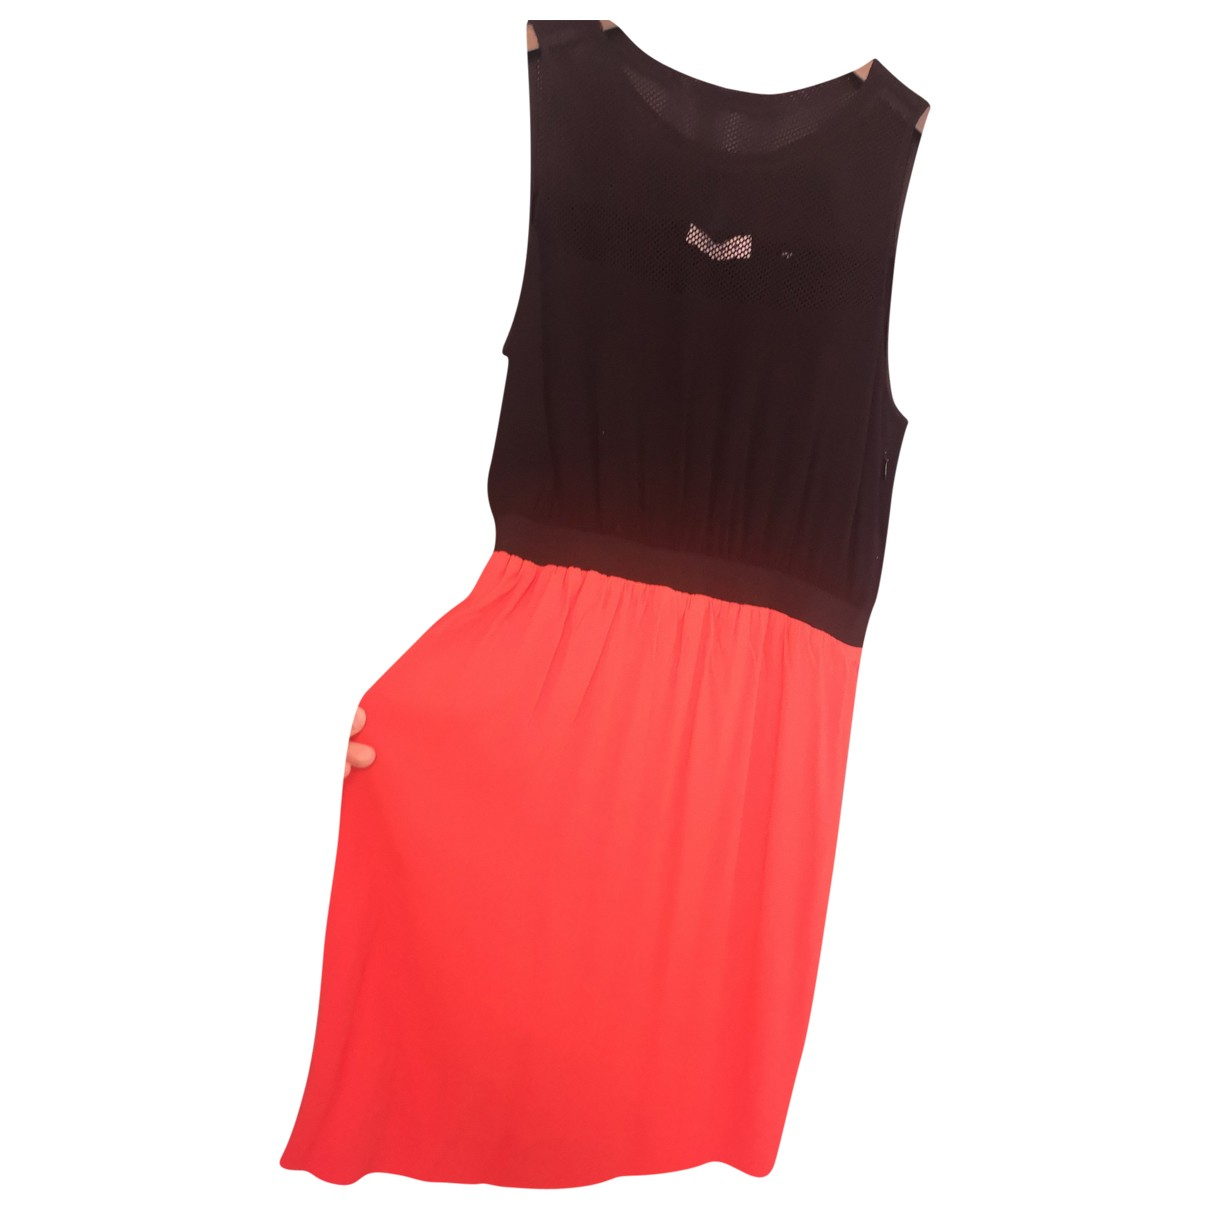 Sandro \N Kleid in  Rot Synthetik